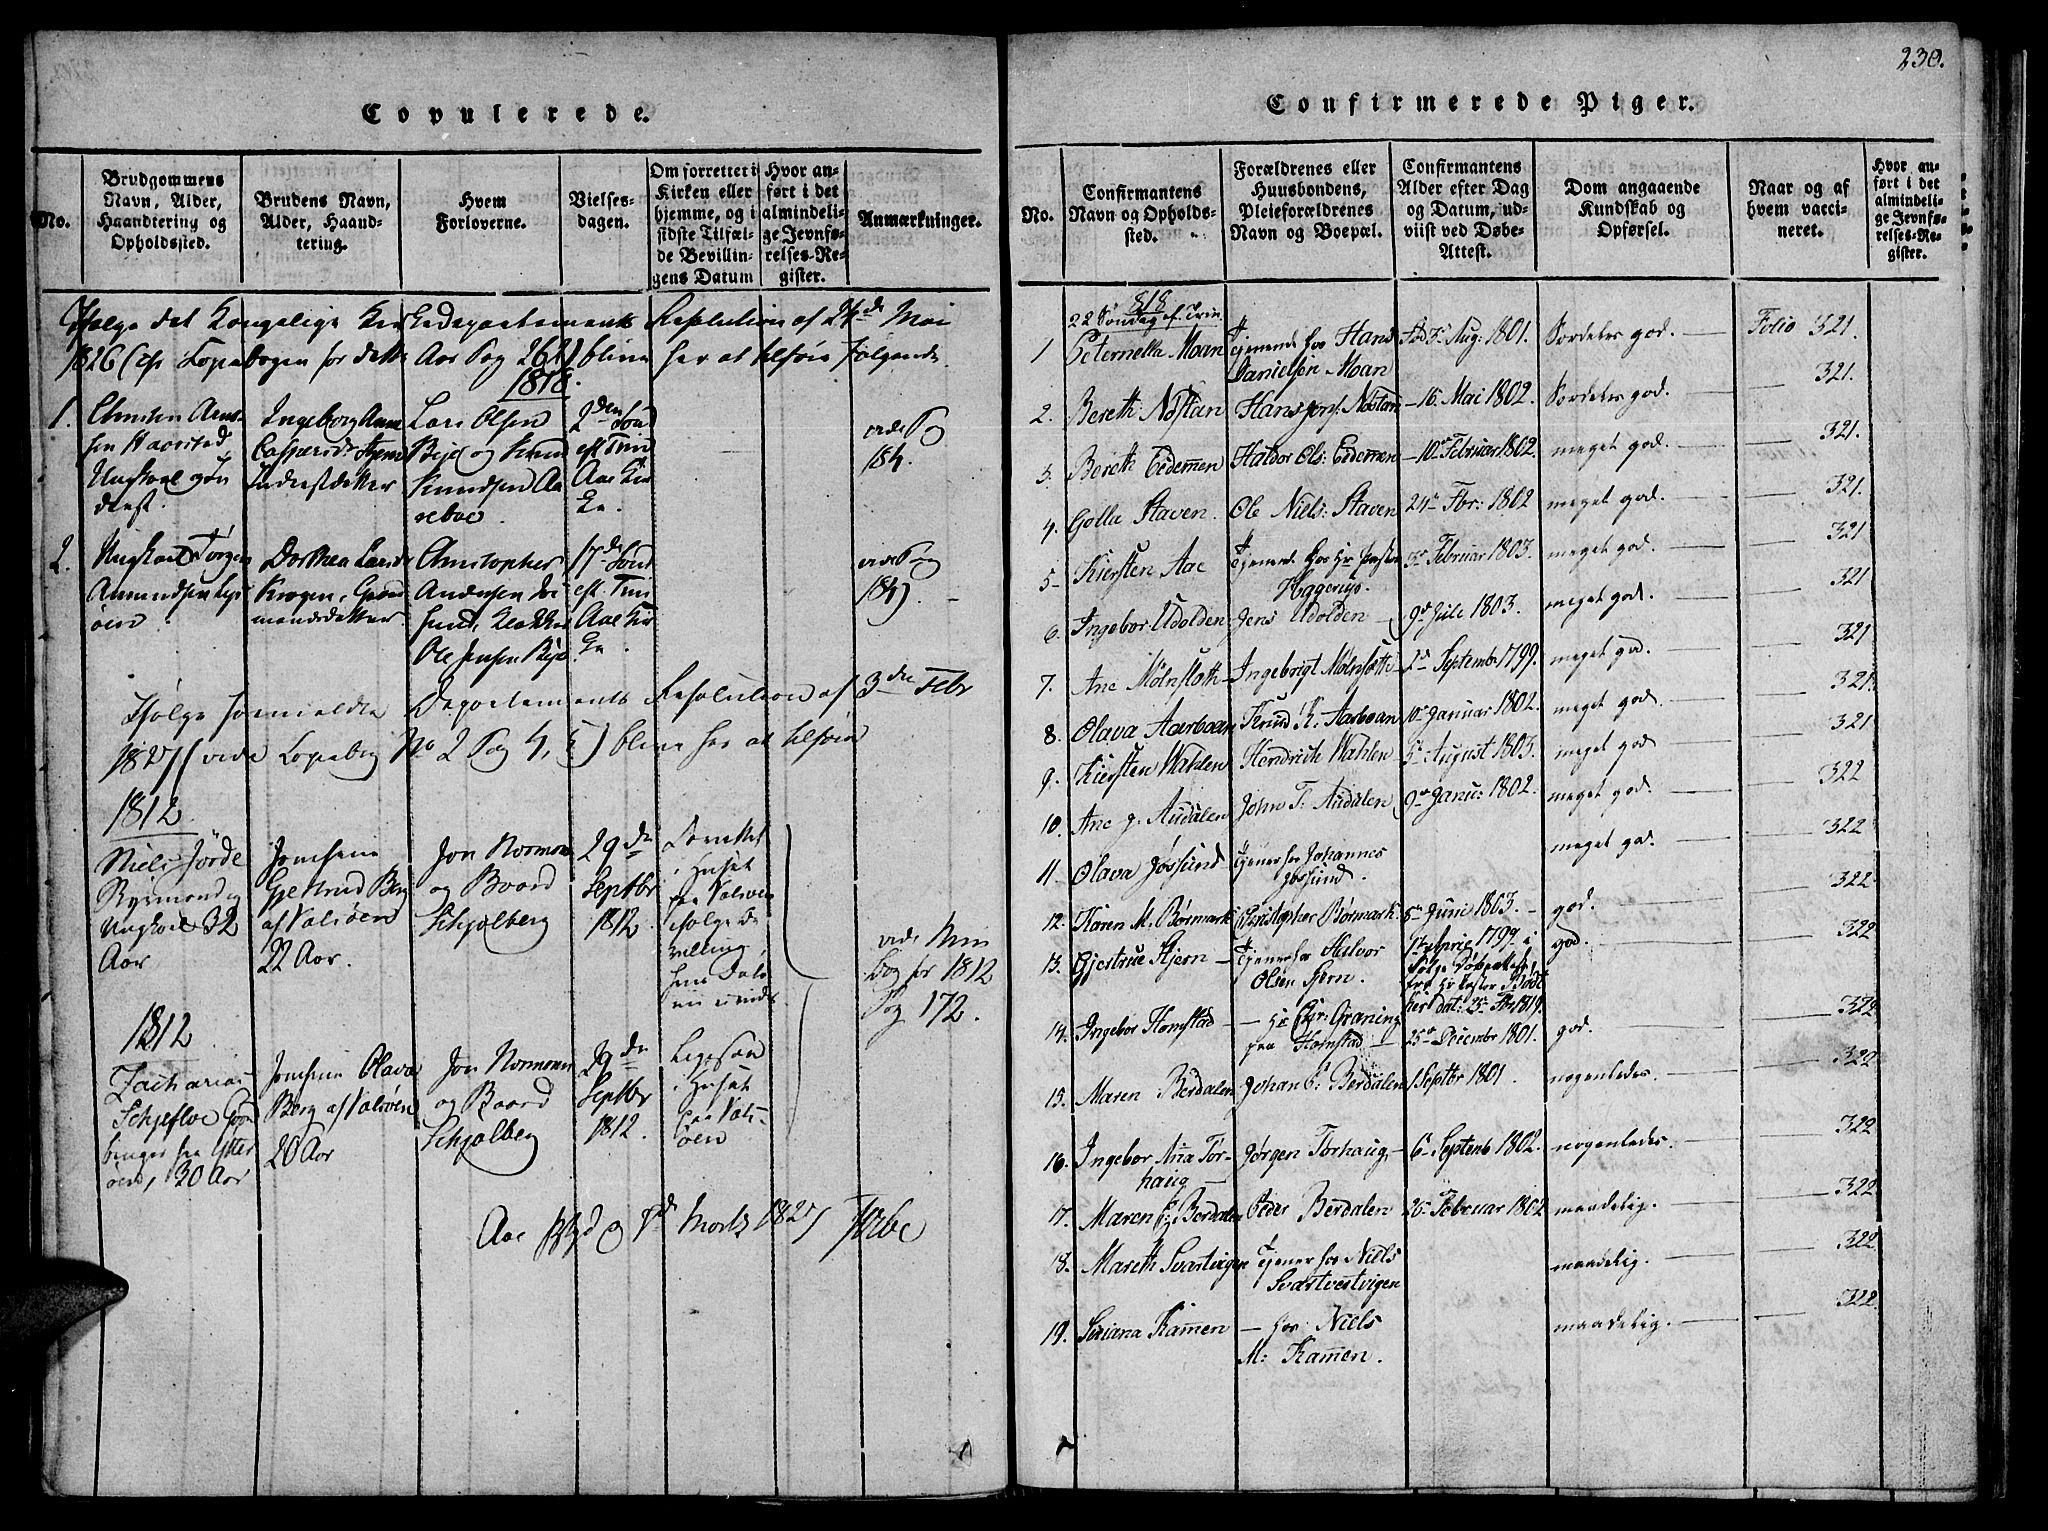 SAT, Ministerialprotokoller, klokkerbøker og fødselsregistre - Sør-Trøndelag, 655/L0675: Ministerialbok nr. 655A04, 1818-1830, s. 230